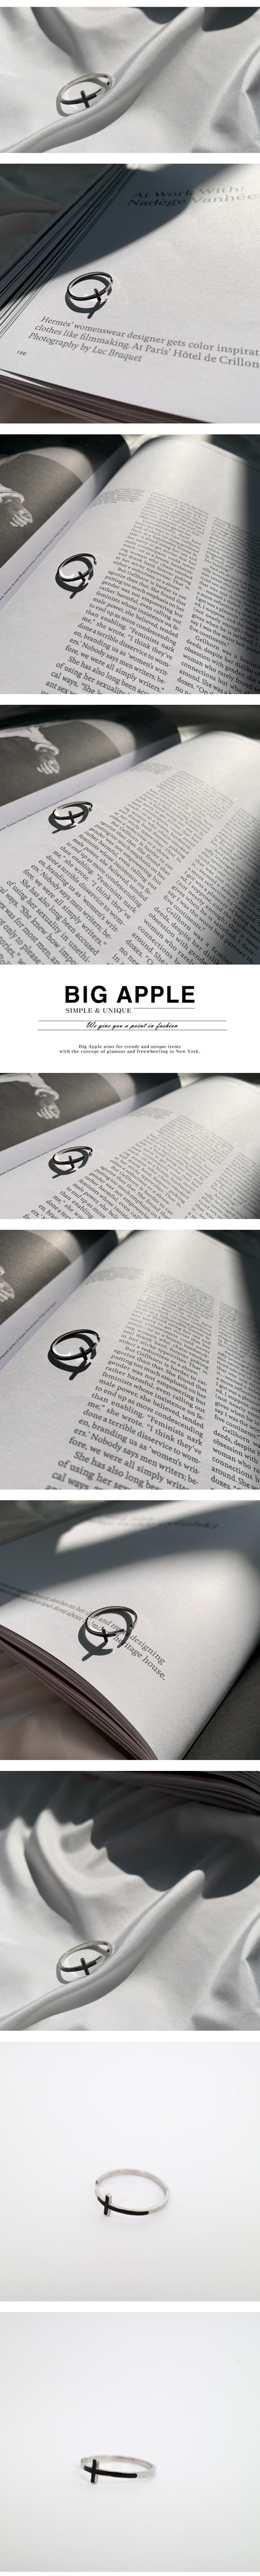 남자 반지 써지컬스틸 십자가 레이어드 thin cross - 빅애플, 17,000원, 남성주얼리, 반지